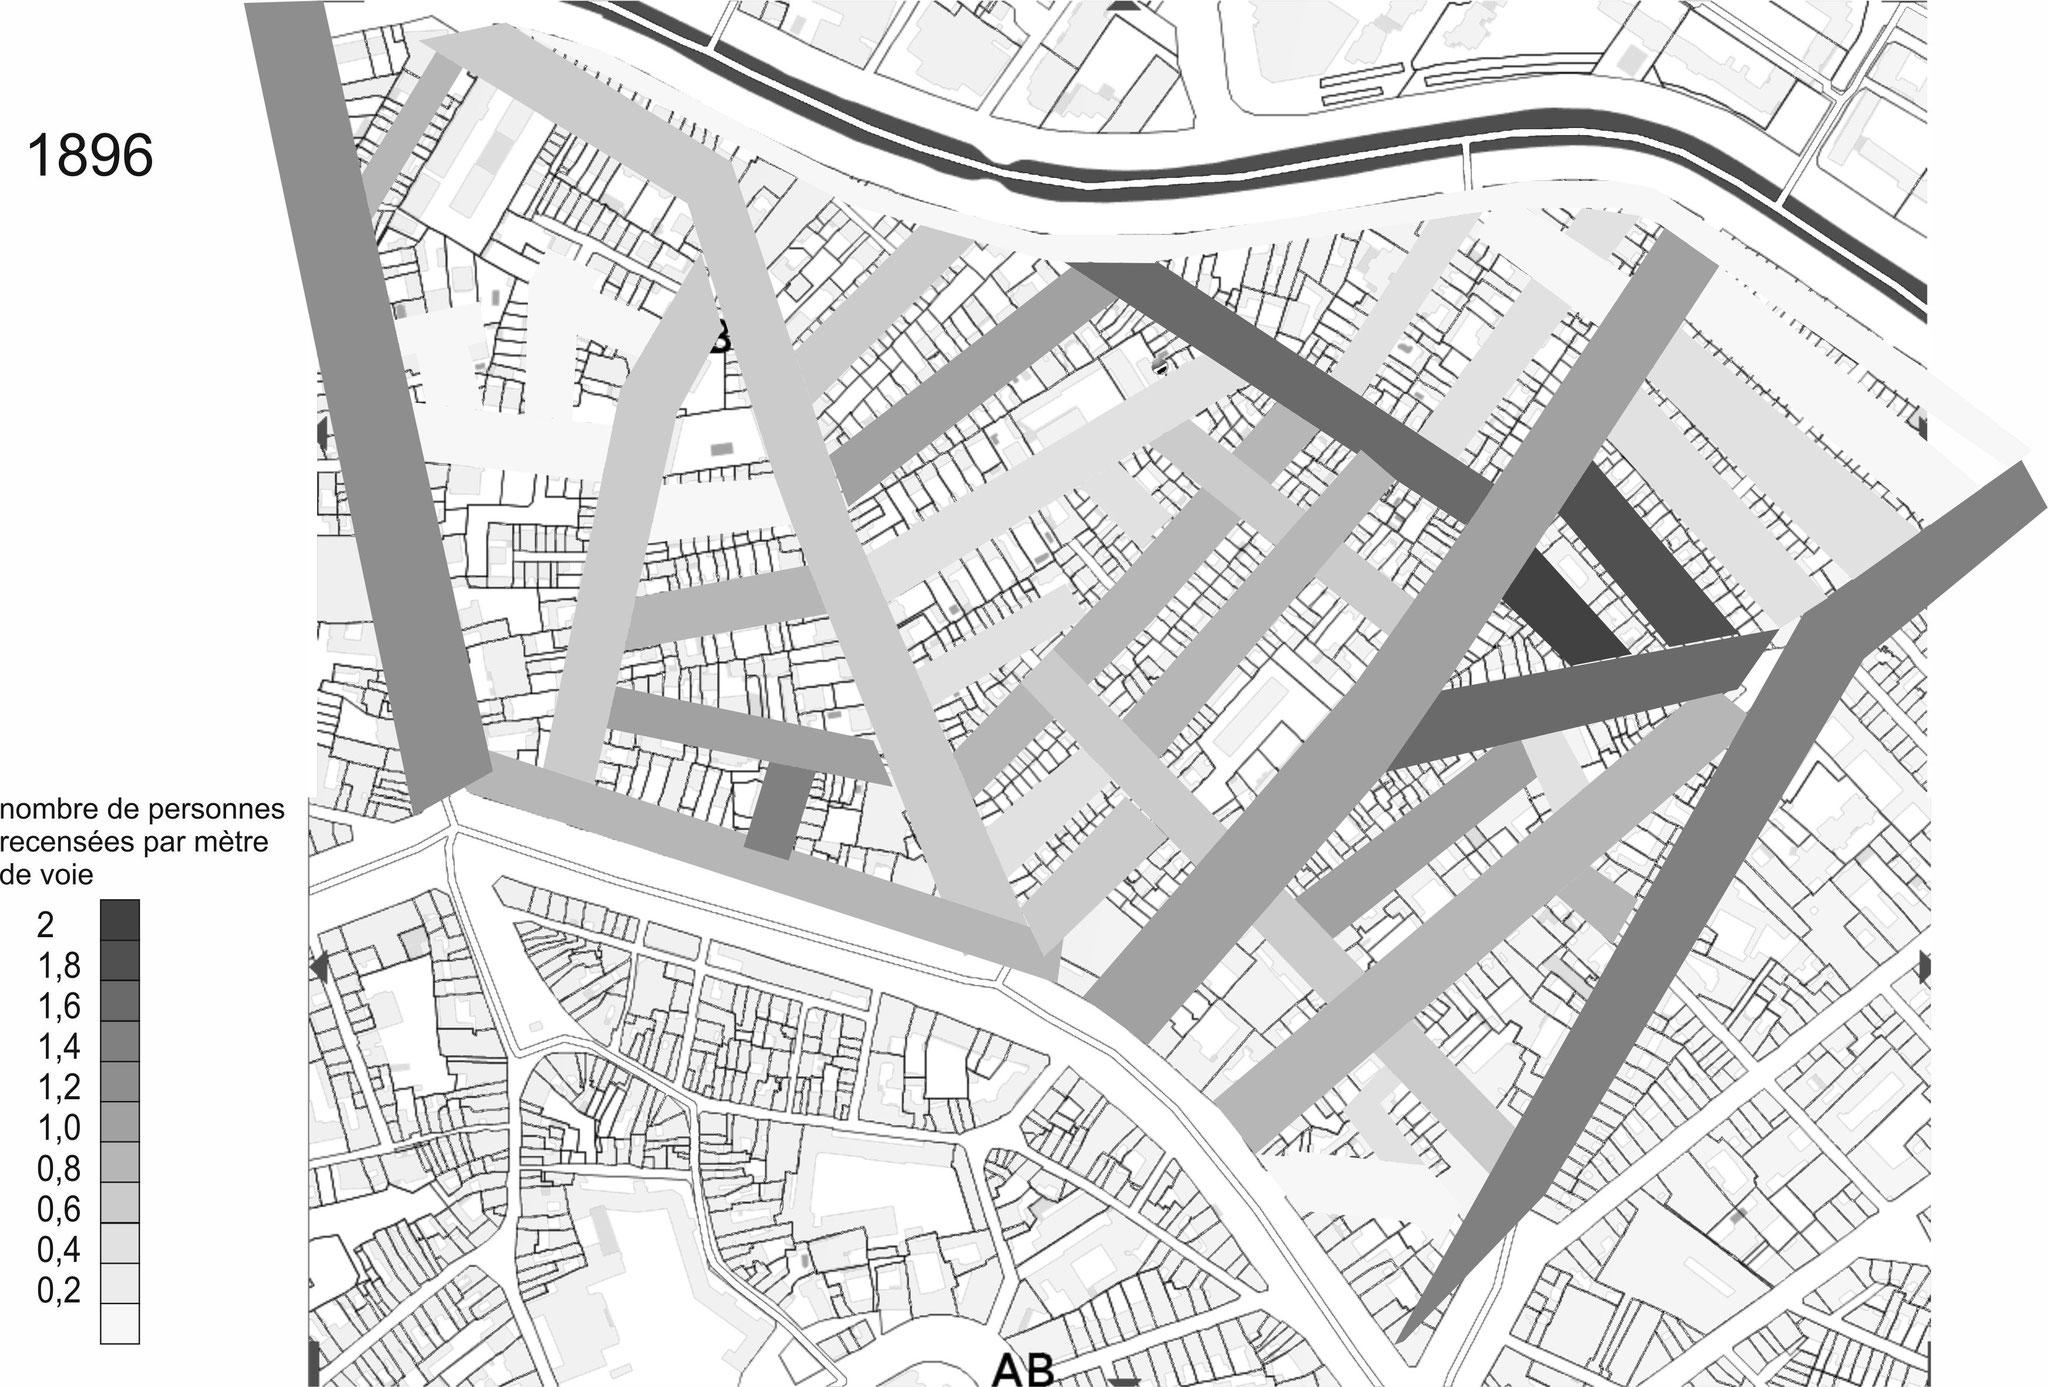 Concorde-Falguière : dernier triangle avec une population importante au cours d'opérations immobilières